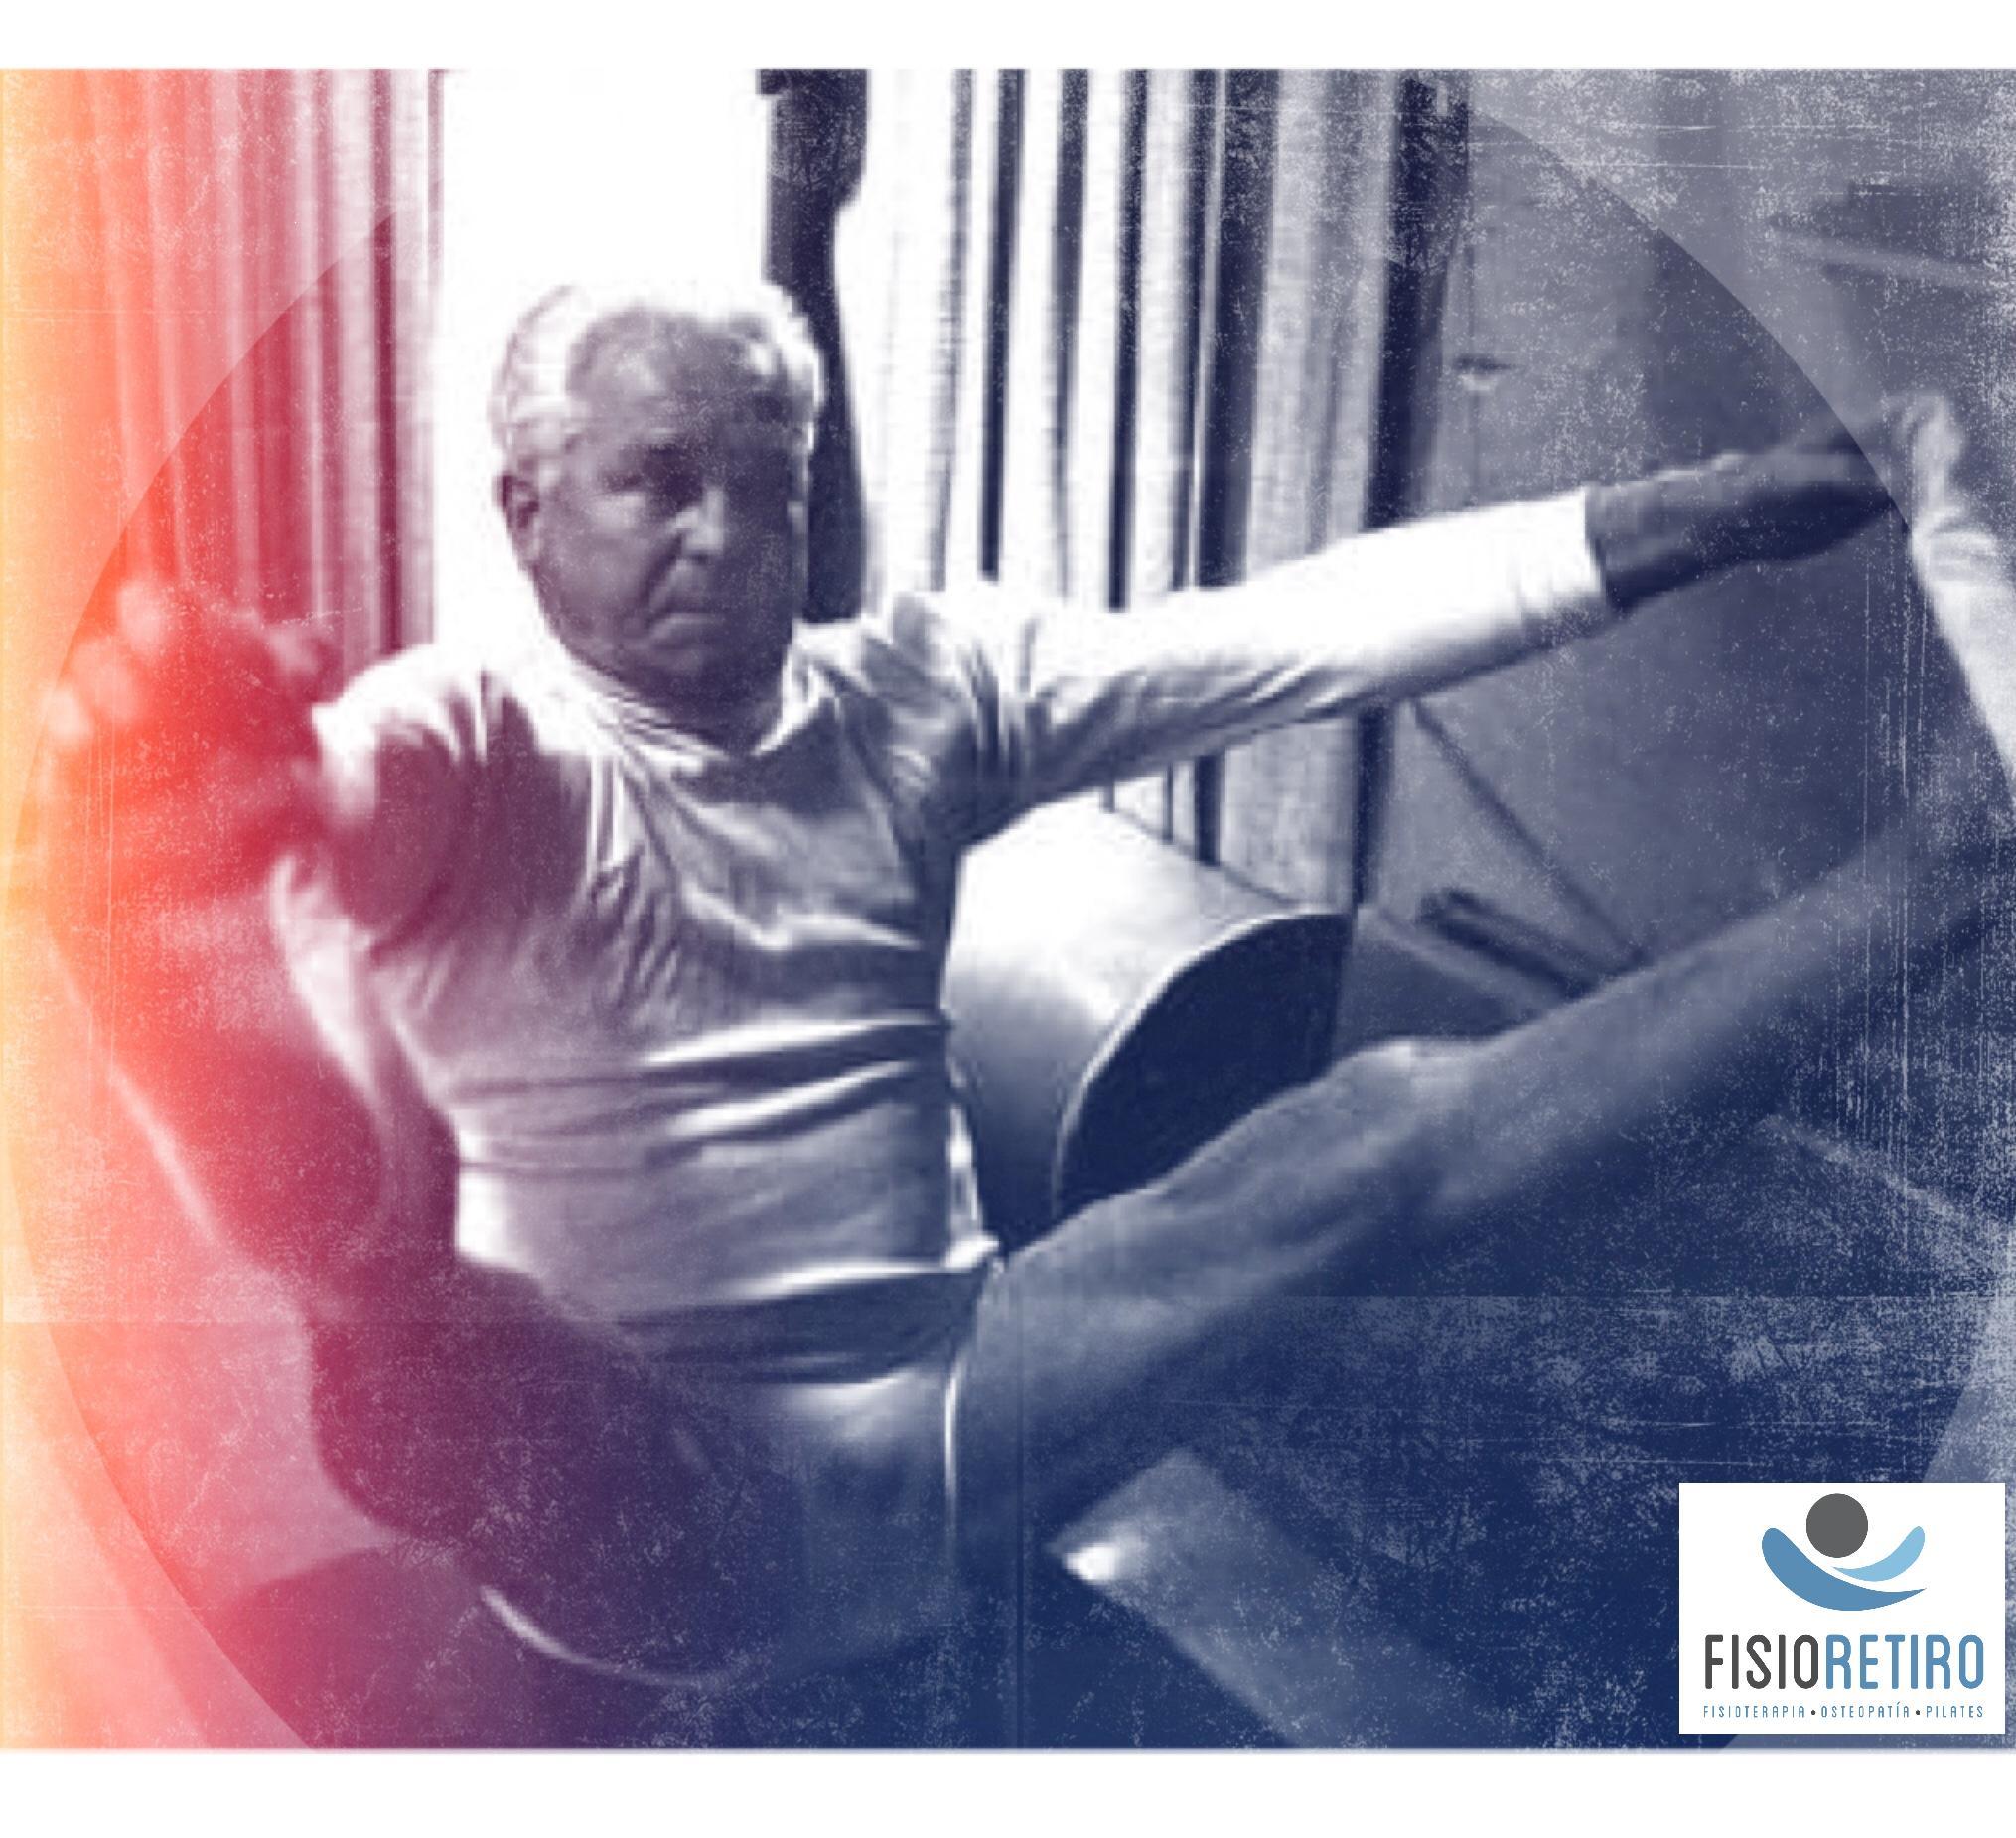 Joseph Pilates practicando su método.